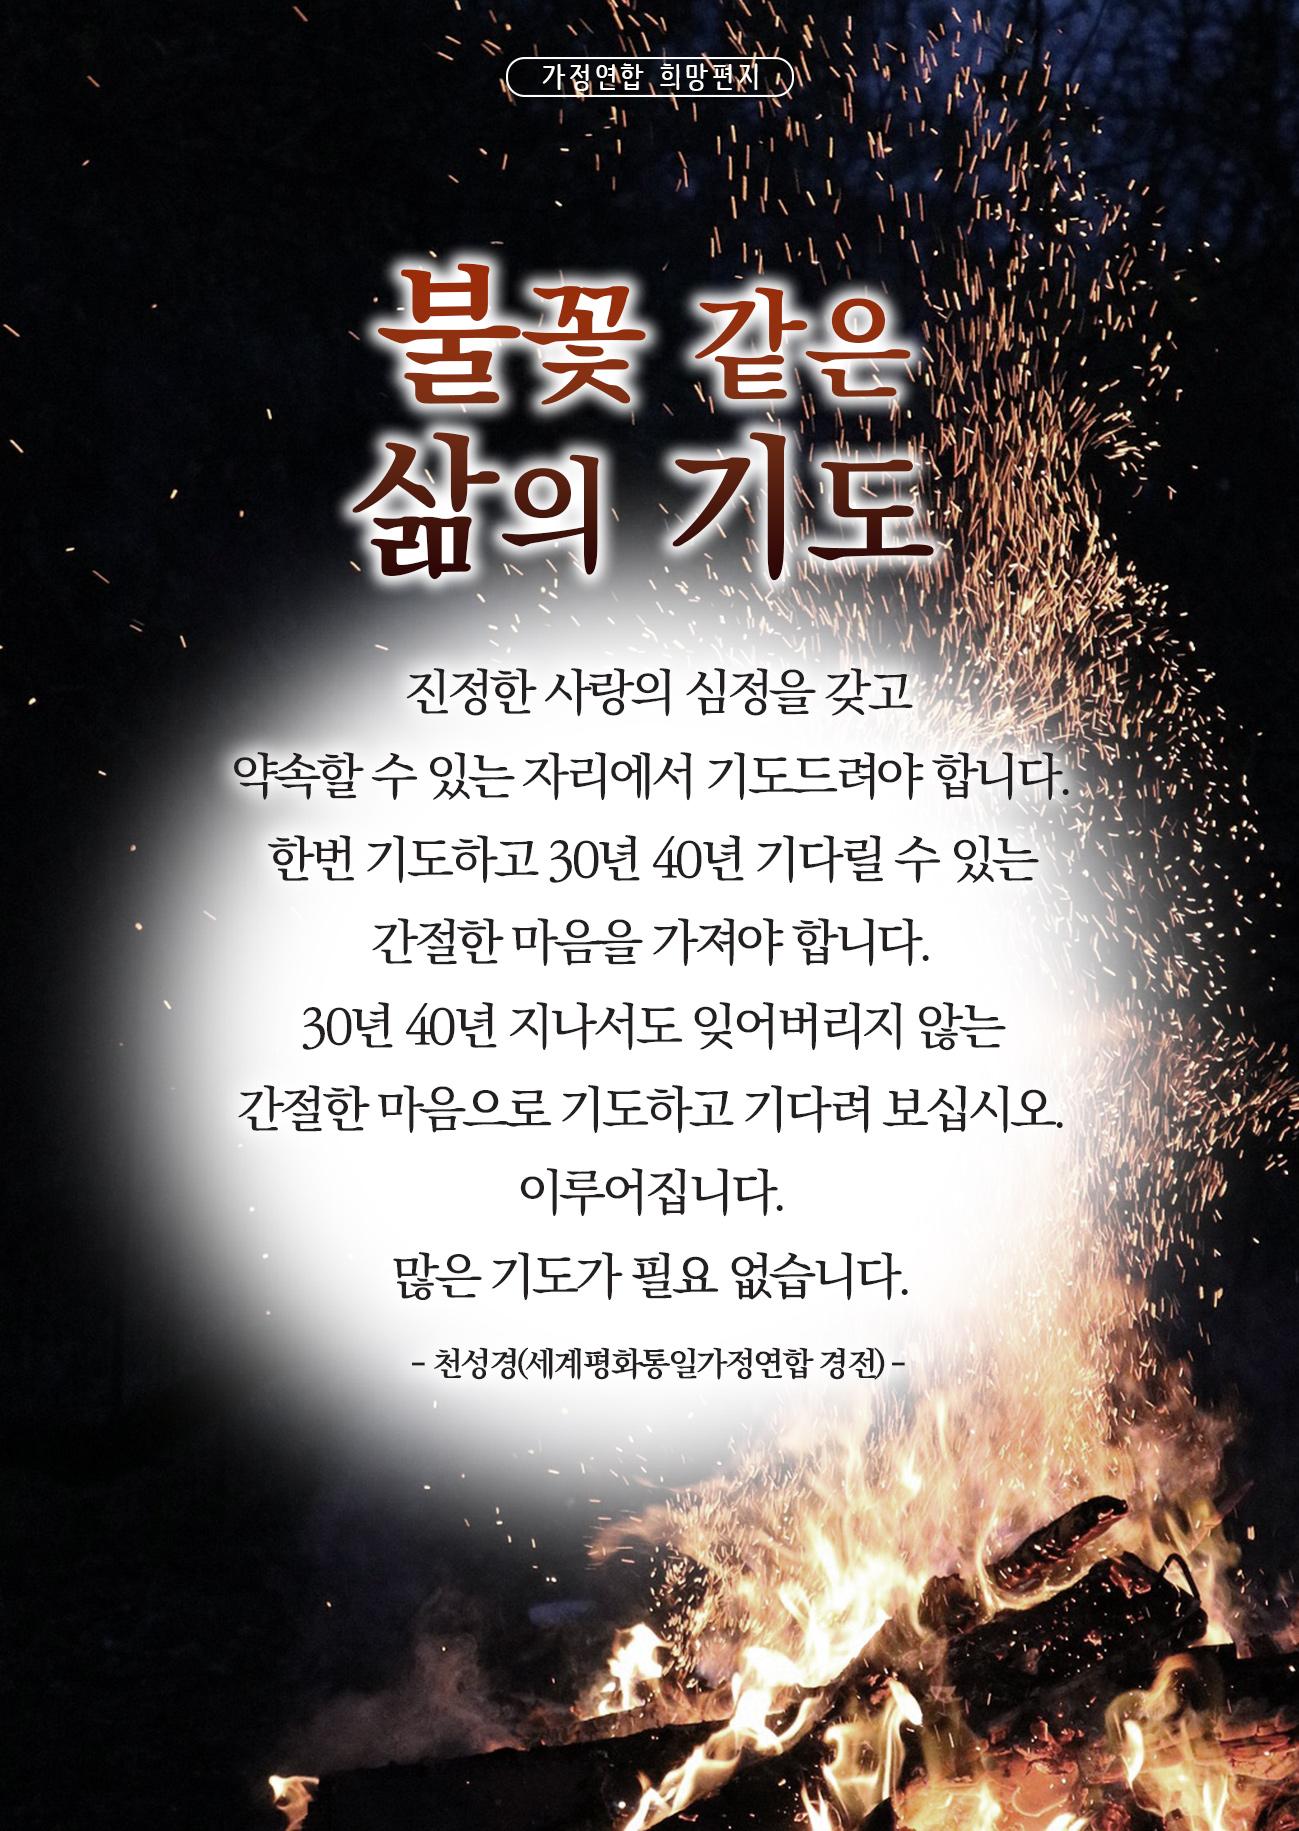 [25편] 불꽃 같은 삶의 기도